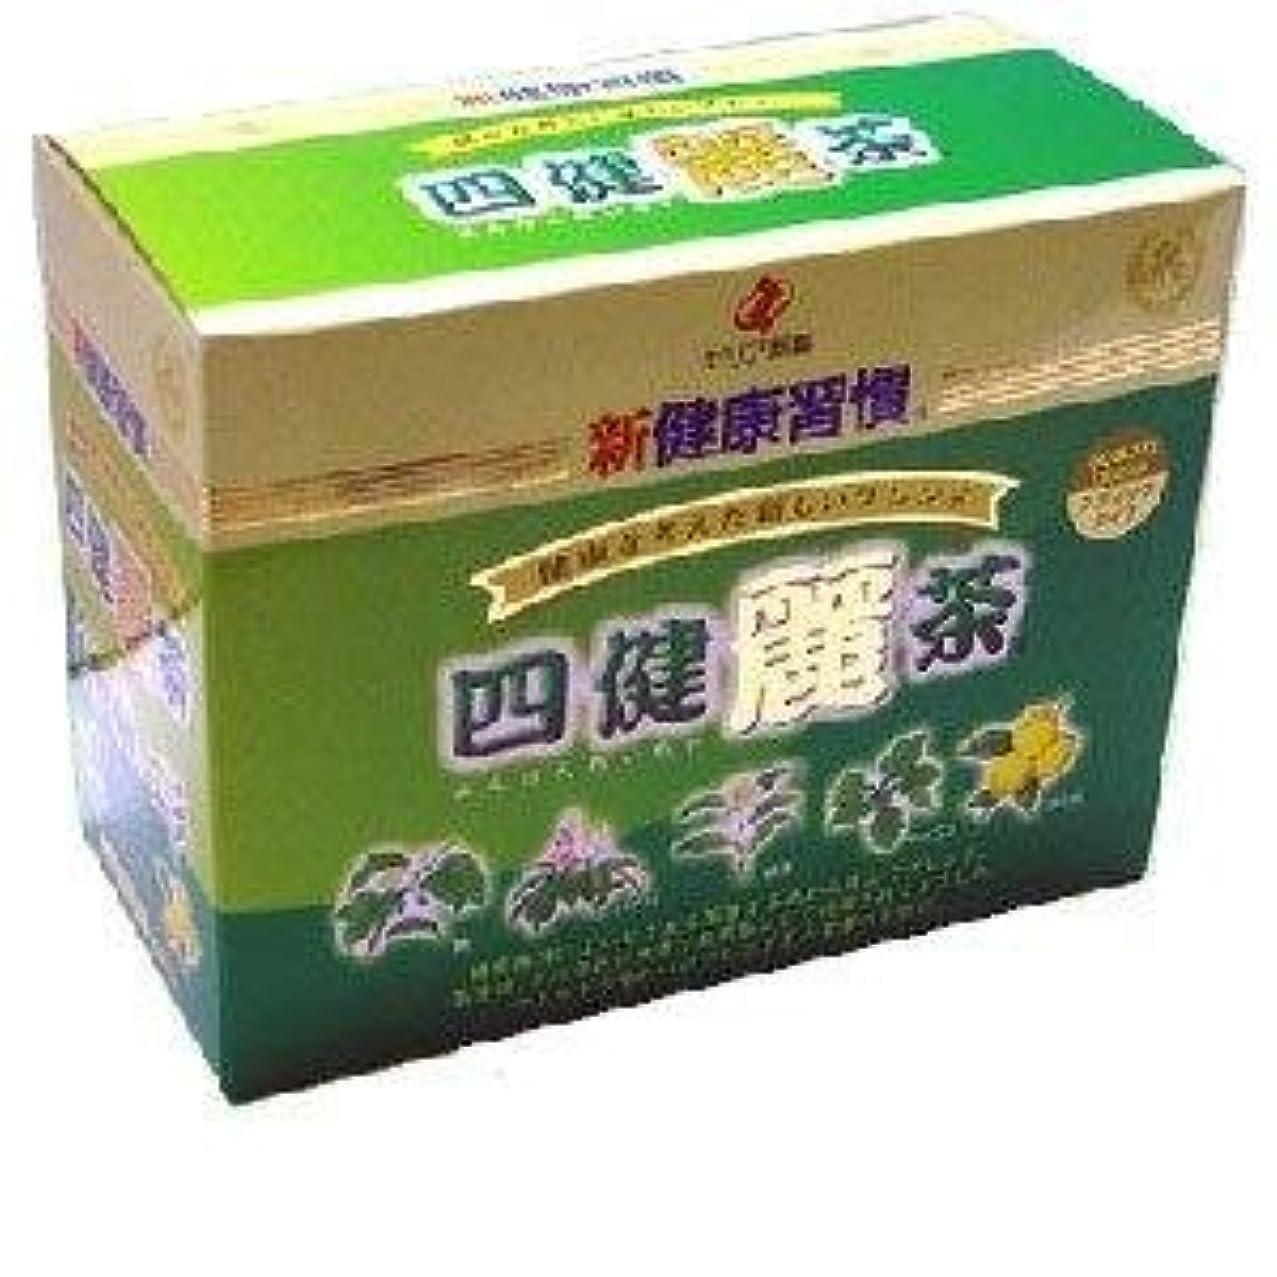 恐れるびっくり魅惑的な新健康習慣 四健麗茶 60袋 4個